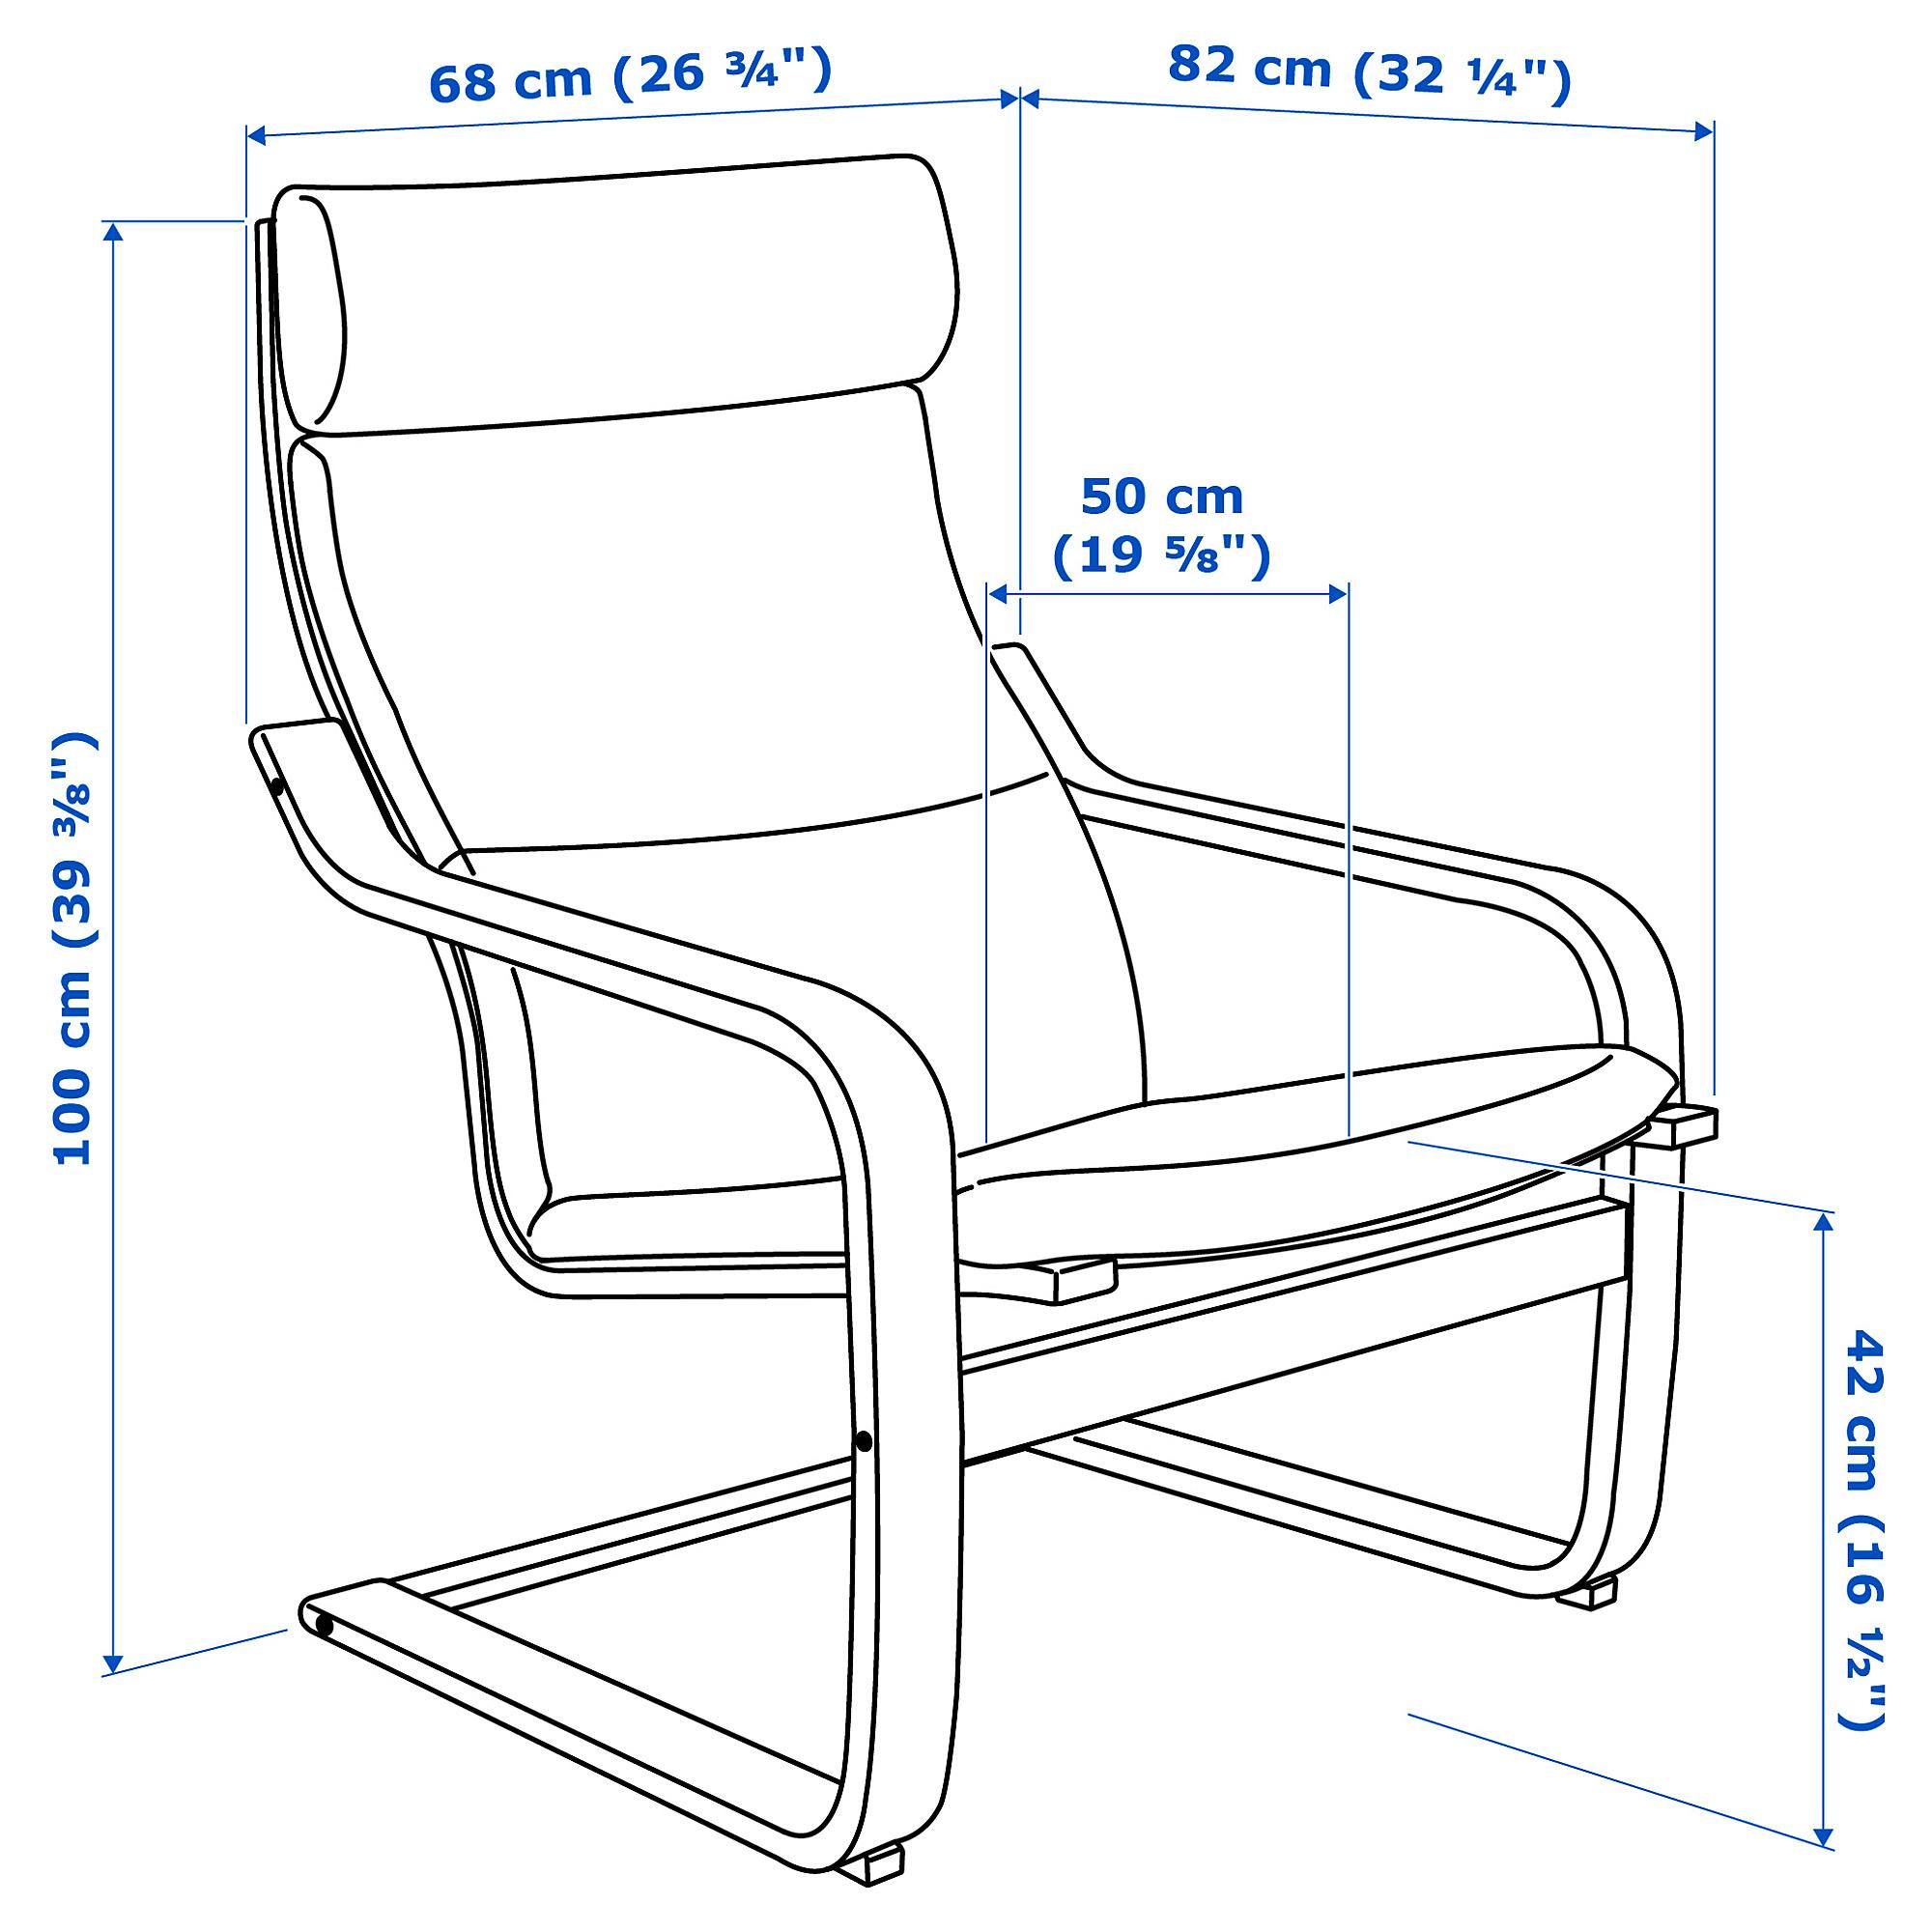 Кресло ПОЭНГ темно-коричневый артикуль № 092.514.71 в наличии. Онлайн магазин IKEA Республика Беларусь. Быстрая доставка и монтаж.